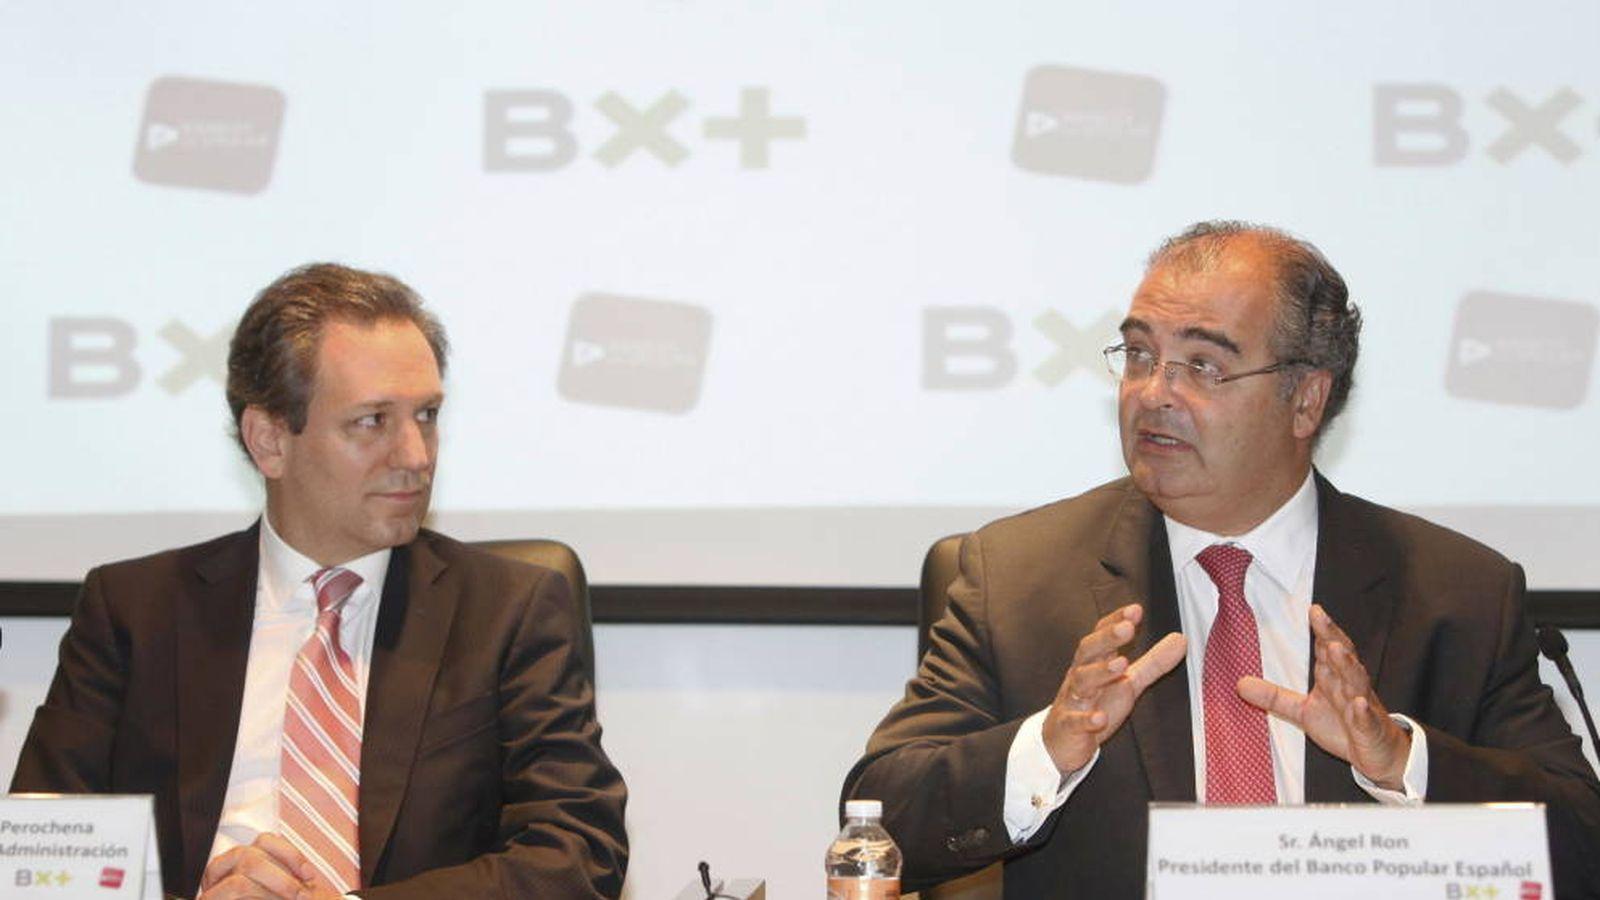 Foto: Antonio del Valle hijo y Ángel Ron, en una imagen de archivo. (EFE)